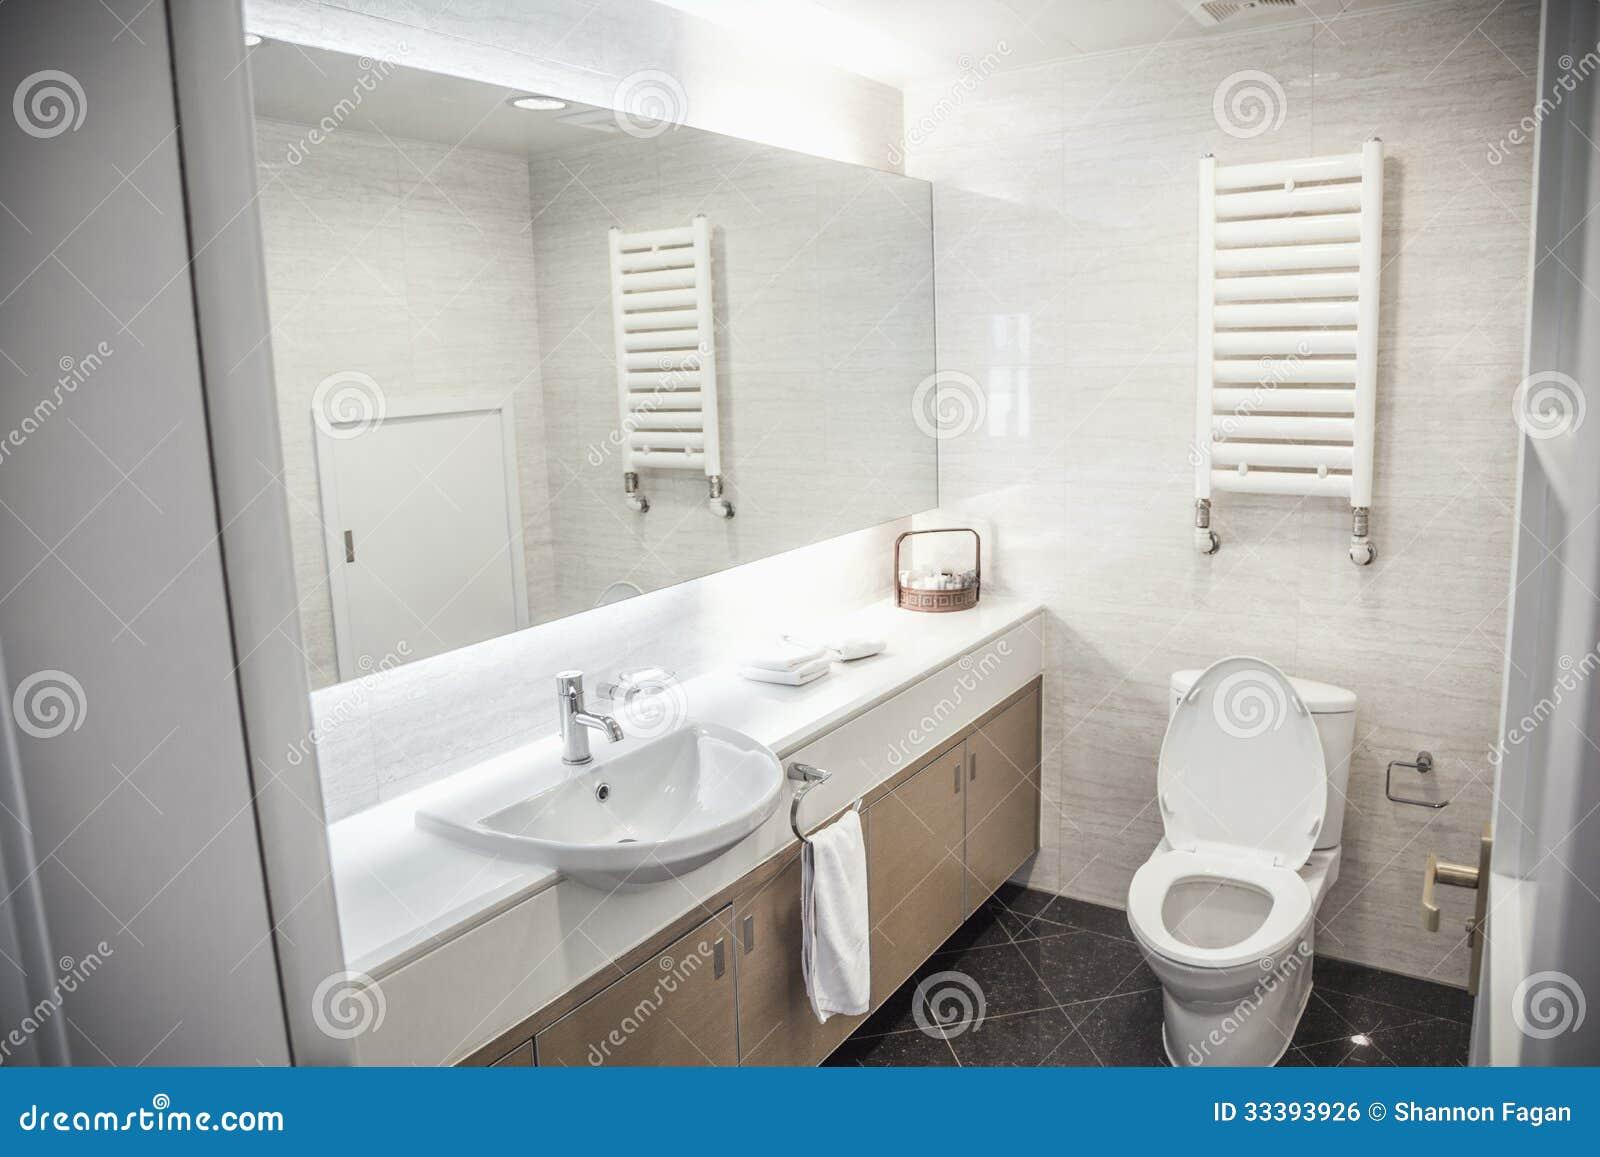 Wc en badkamers wc fontein klein wc fonteintje klein wc fonteintjes wc tegel wc wasbak wc - Kleine badkamer wc ...